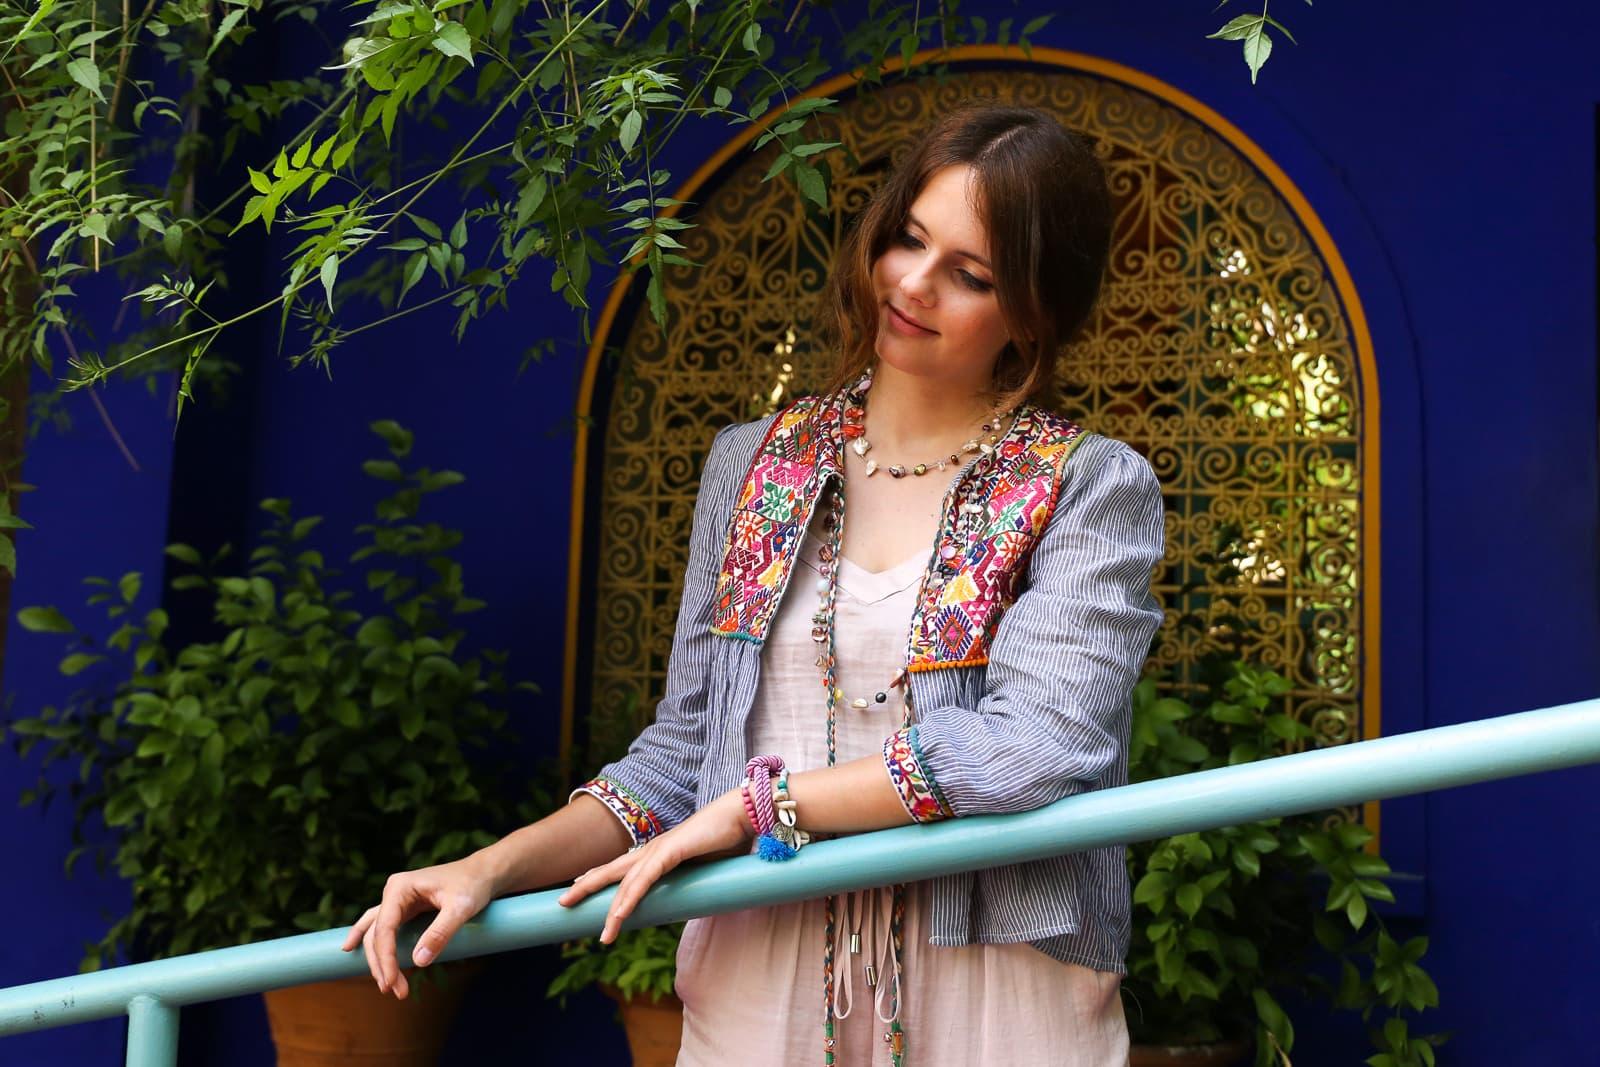 Traumhafte Orte in Marrakesch: Boho Outfit im berühmten Jardin Majorelle